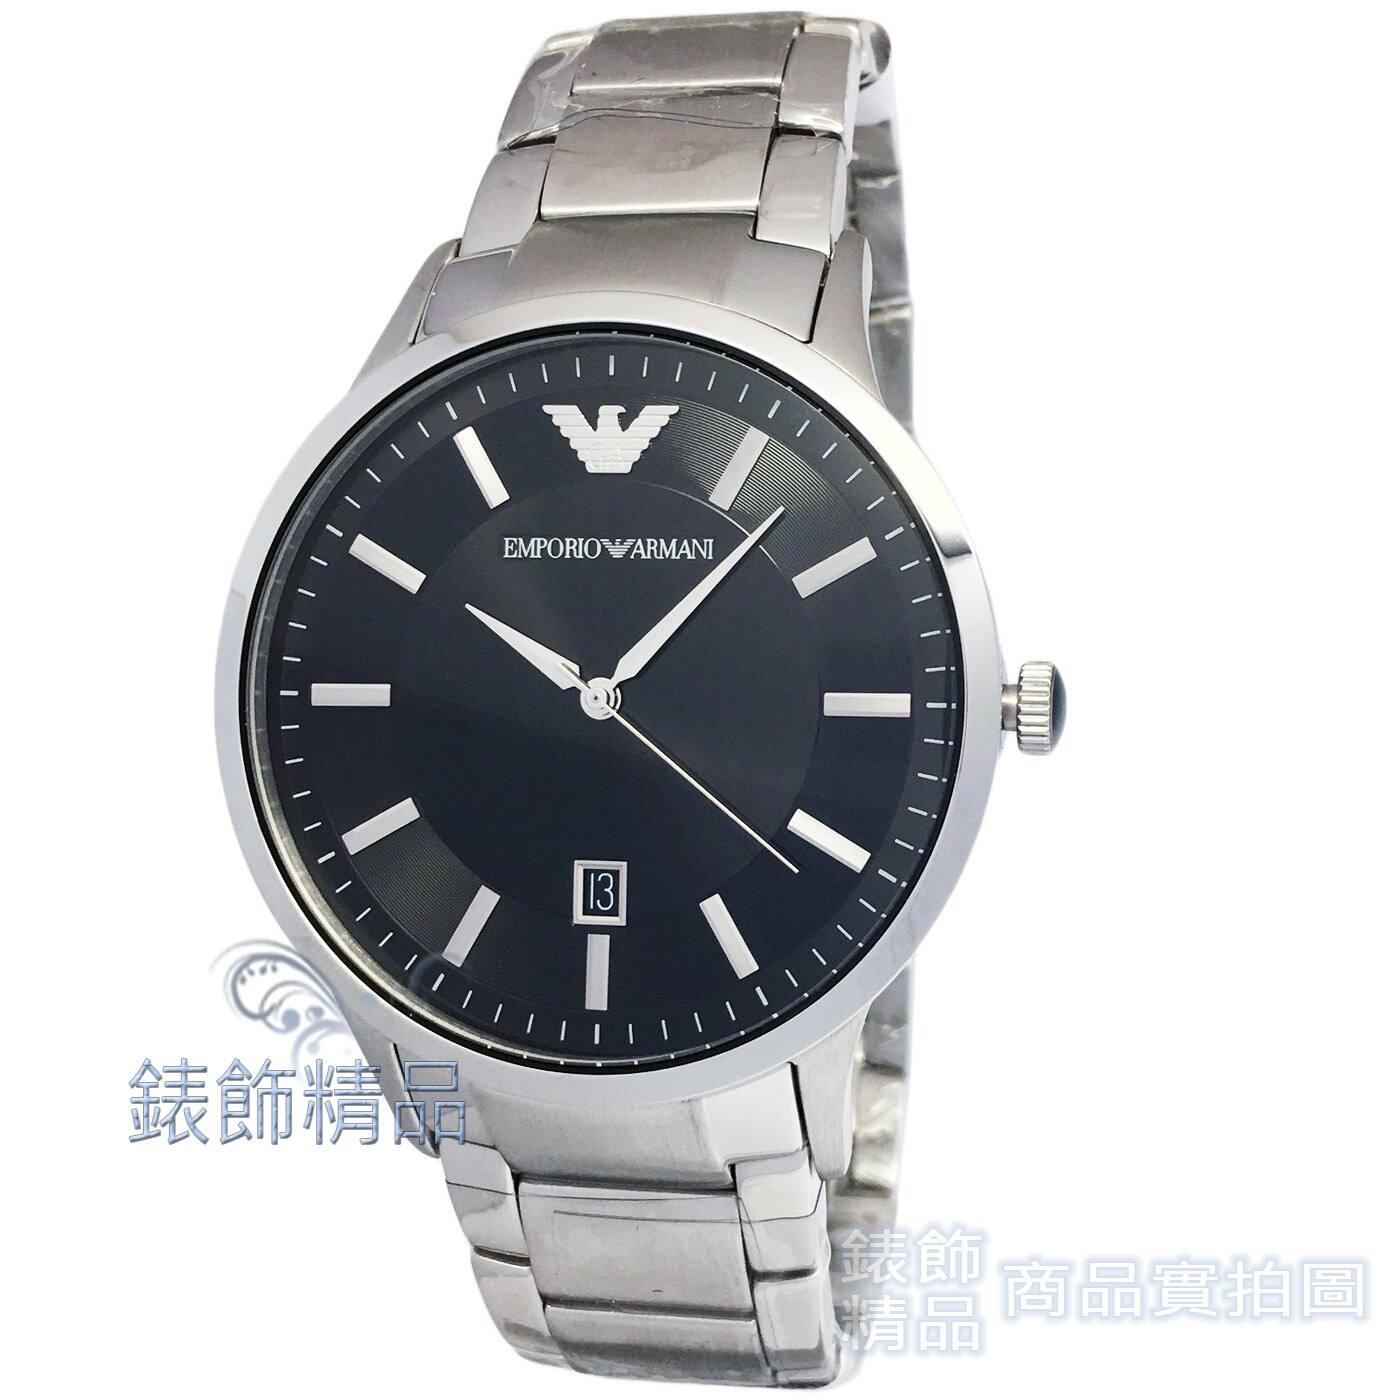 【錶飾精品】ARMANI錶 AR2457 亞曼尼表 都會型男 日期 黑面鋼帶薄型 男錶 原廠正品 禮物